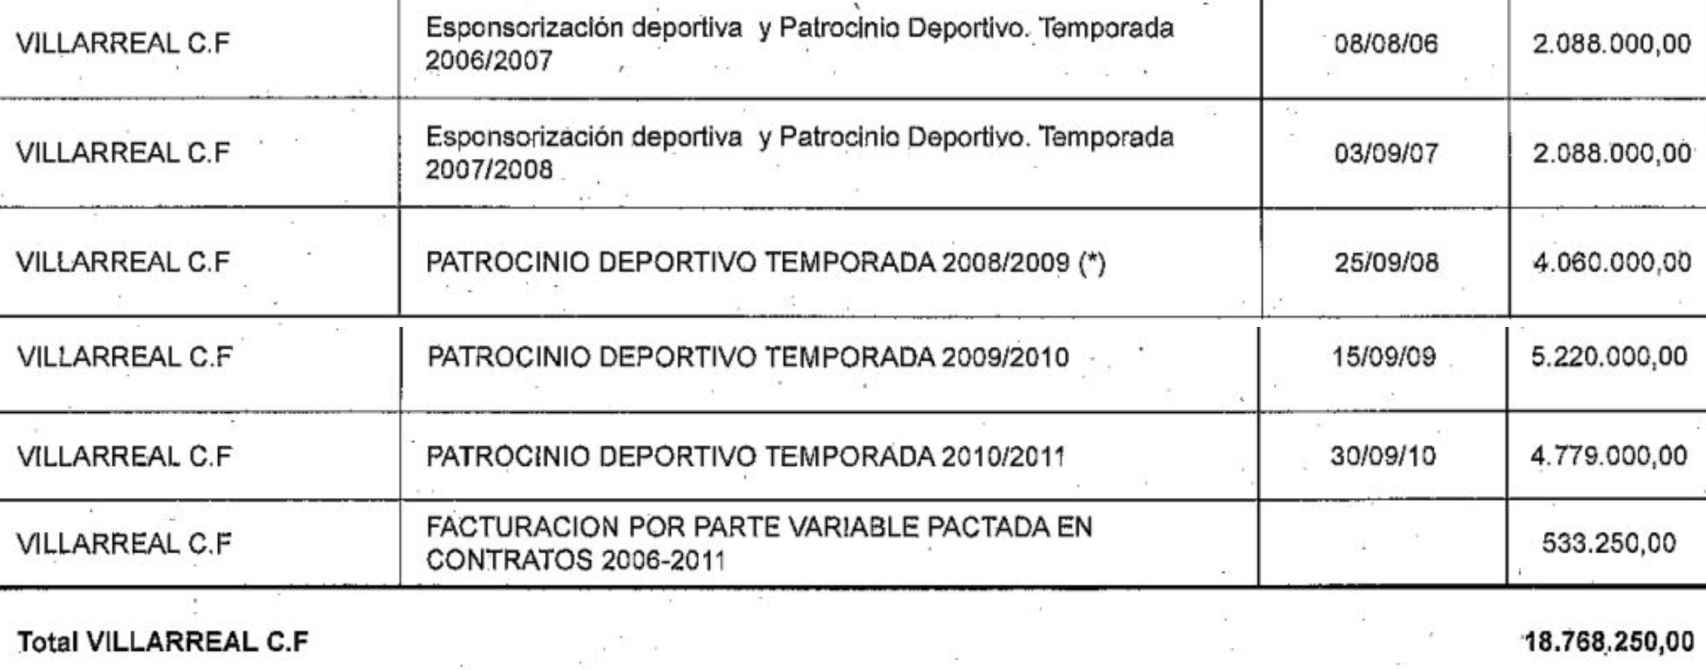 Relación oficial de patrocinios de Aeropuerto de Castellón SL al Villarreal CF hasta 2011. EE